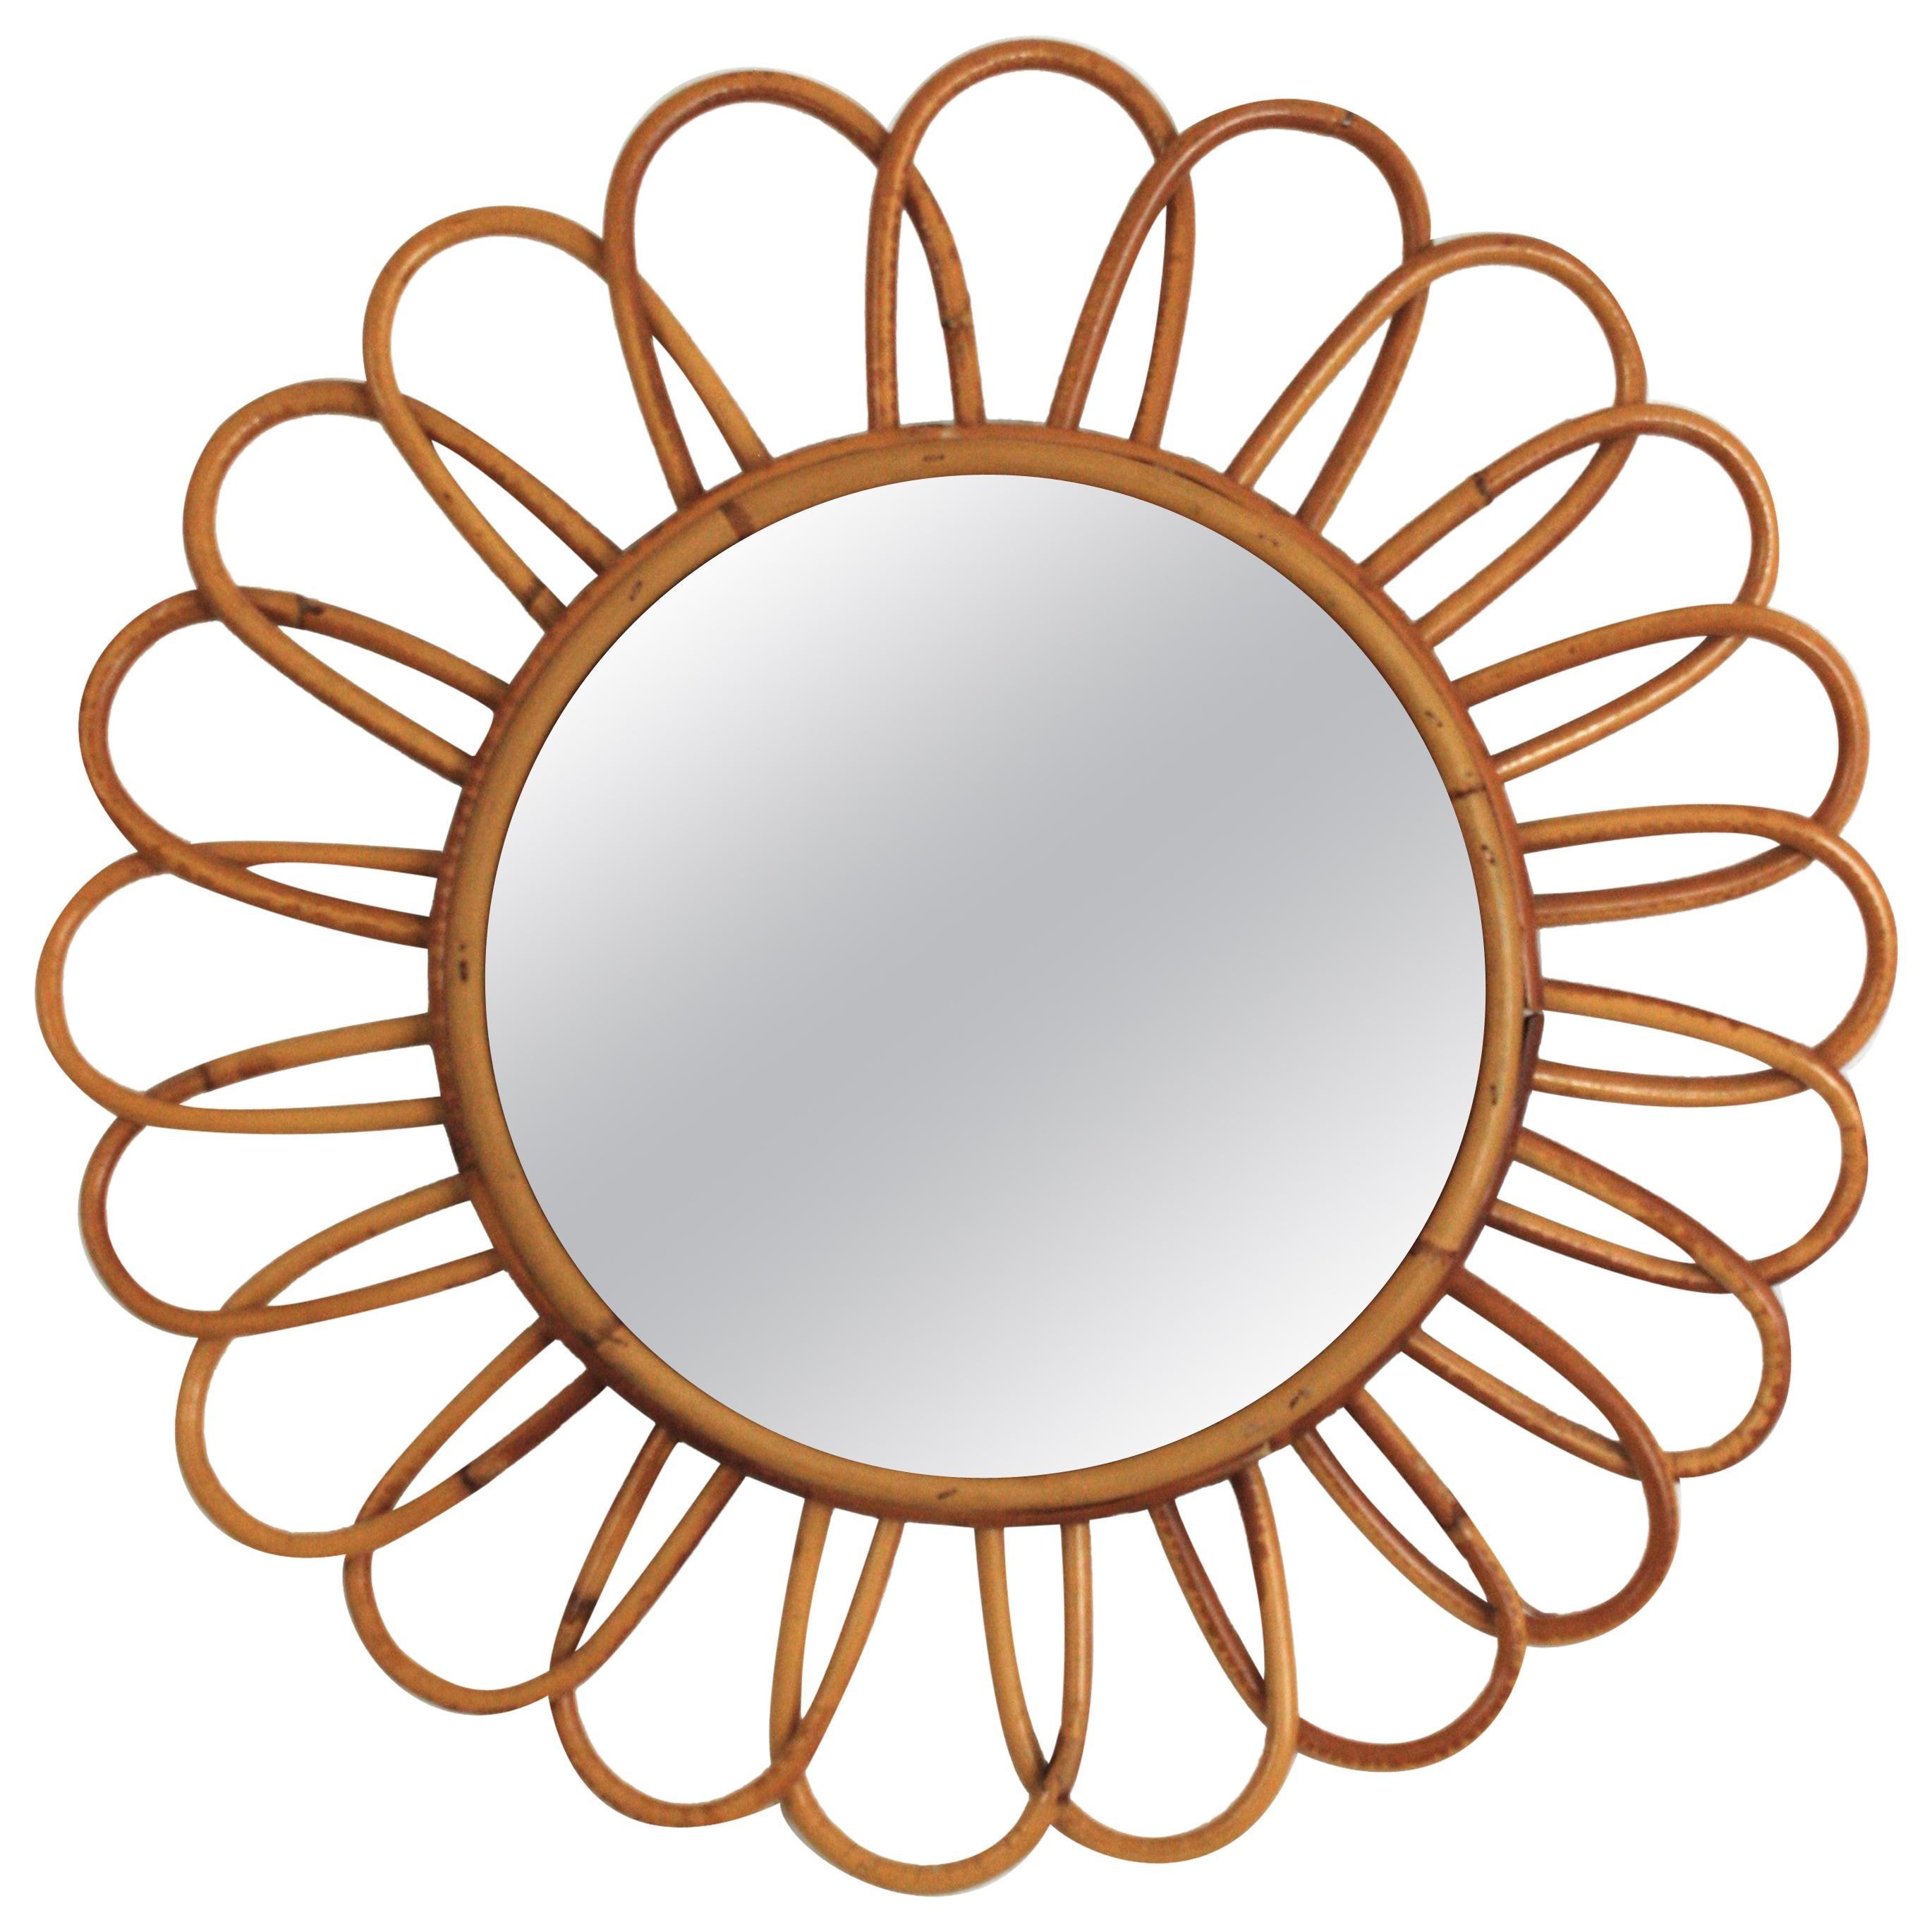 Rattan Flower Burst Mirror, Midcentury Mediterranean Design, 1960s